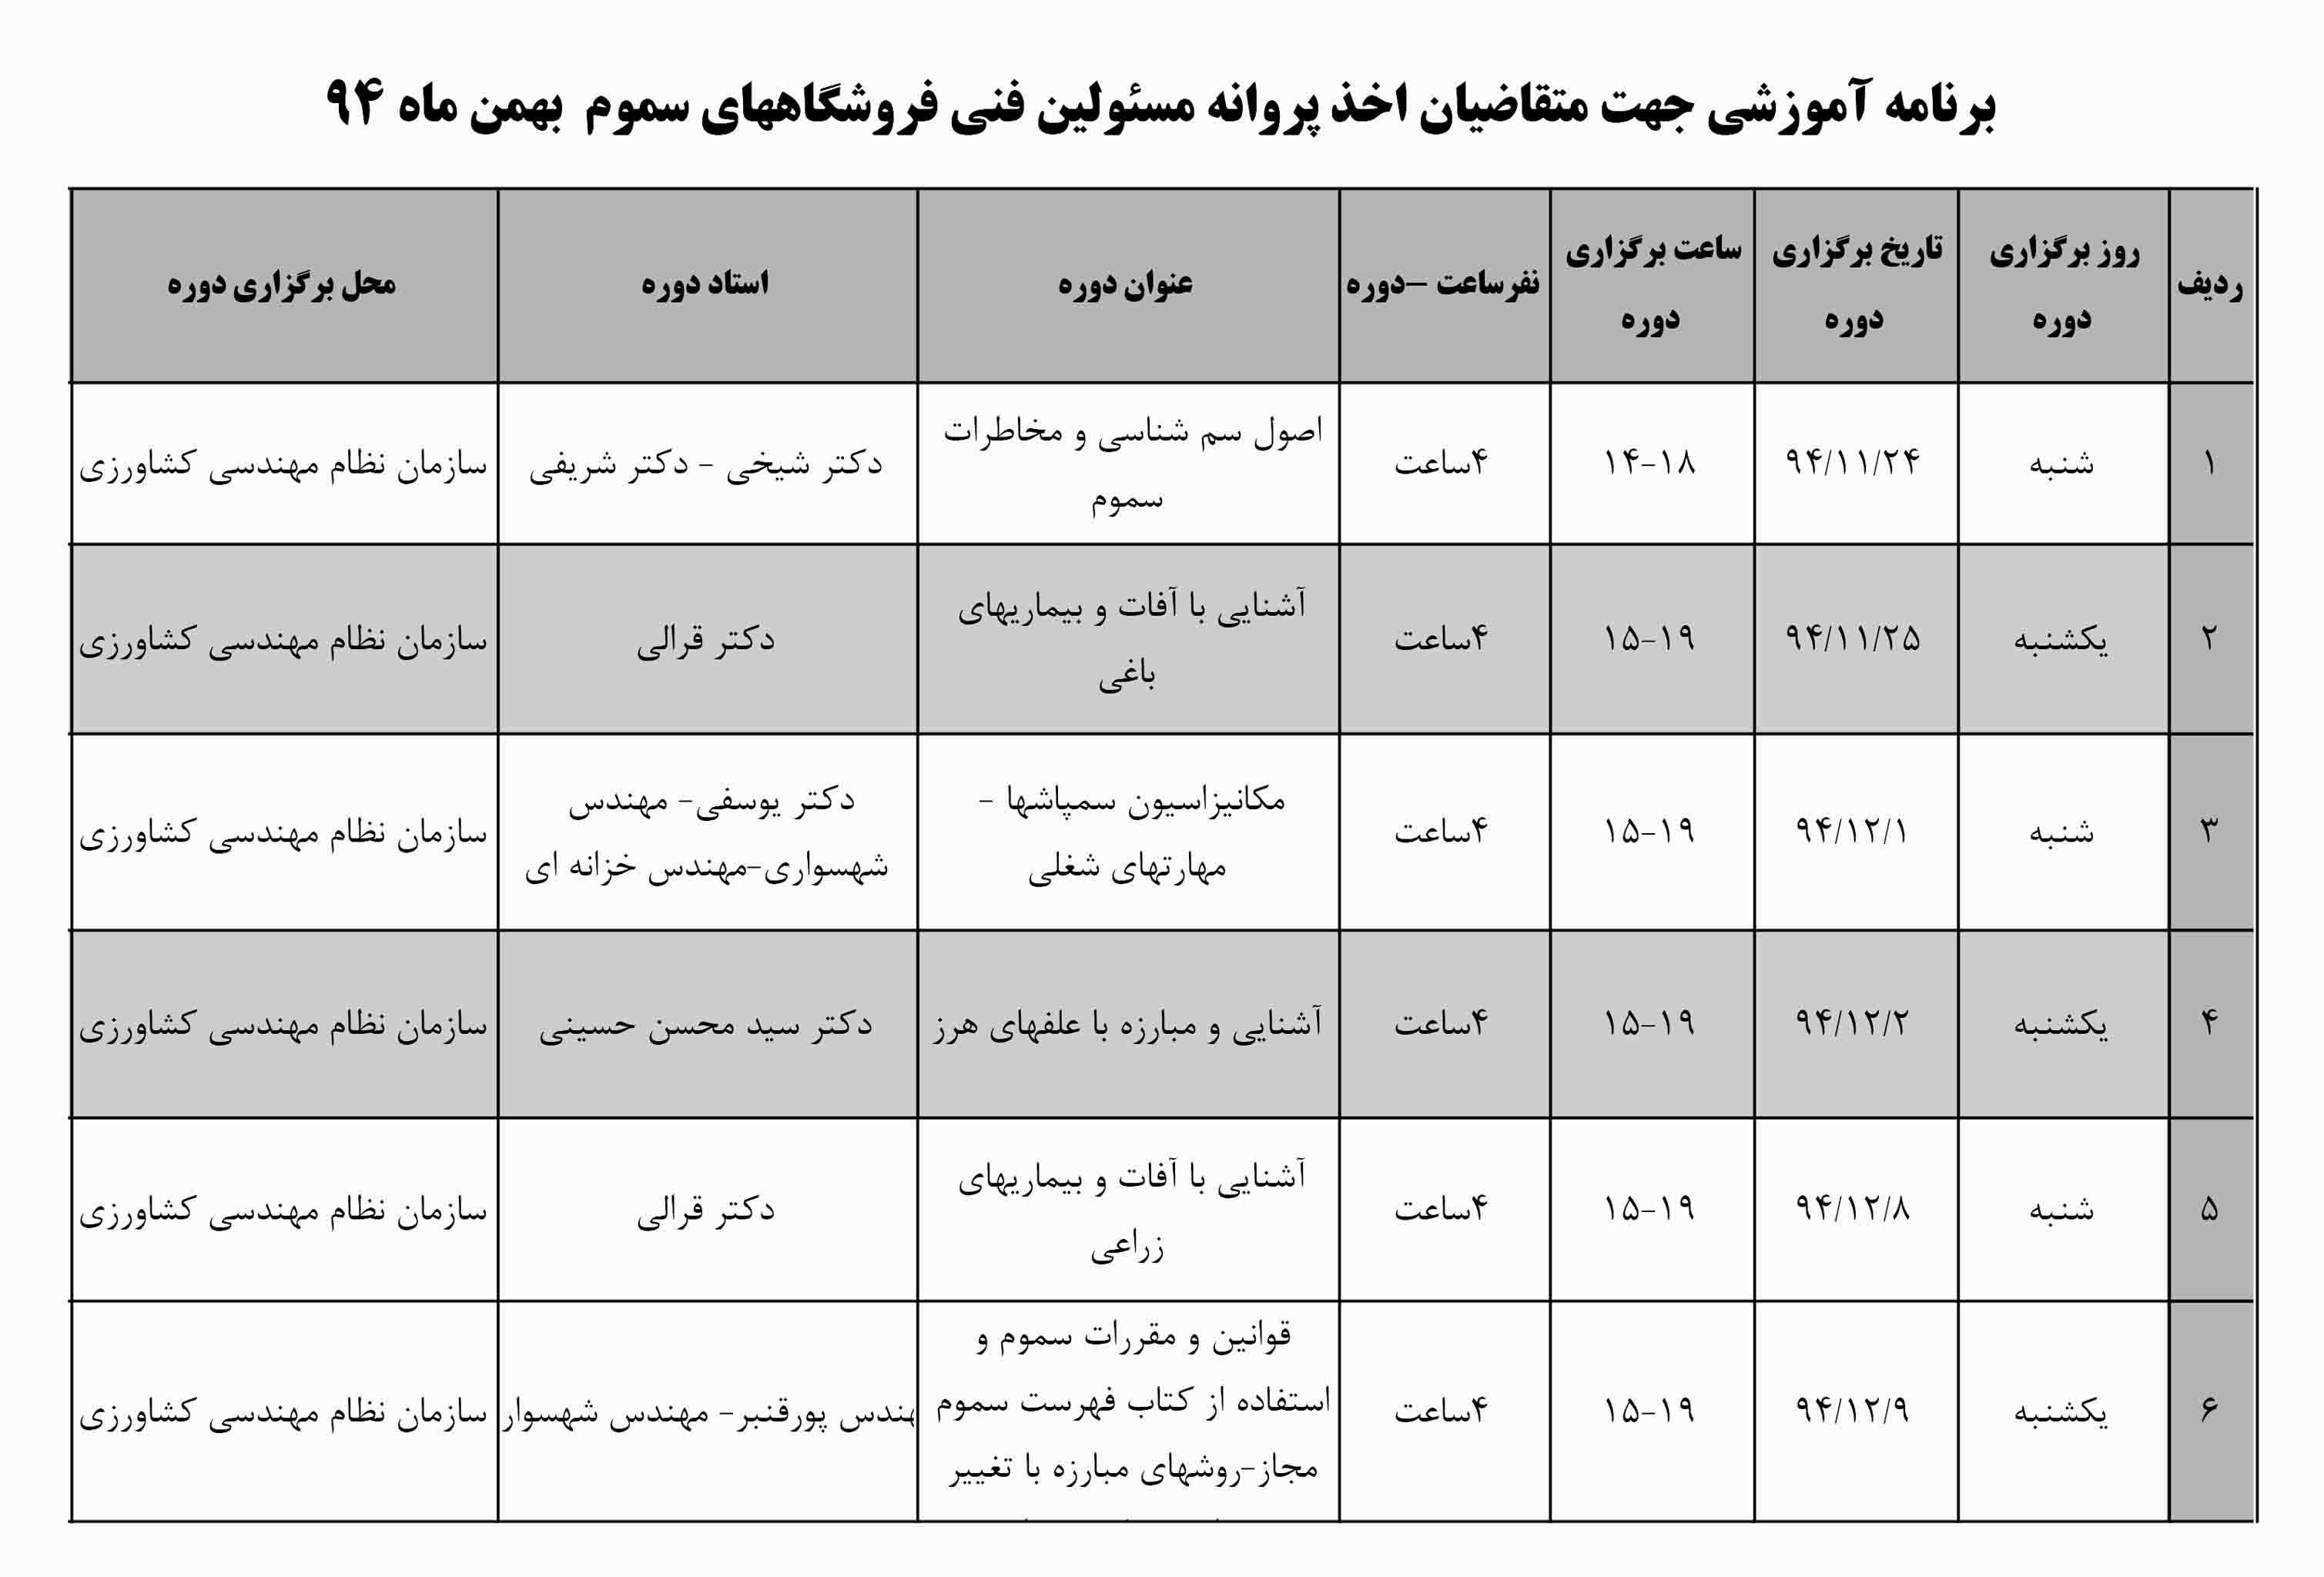 برنامه آموزشی جهت متقاضیان اخذ پروانه مسئولین فنی فروشگاههای سموم  بهمن ماه ۹۴